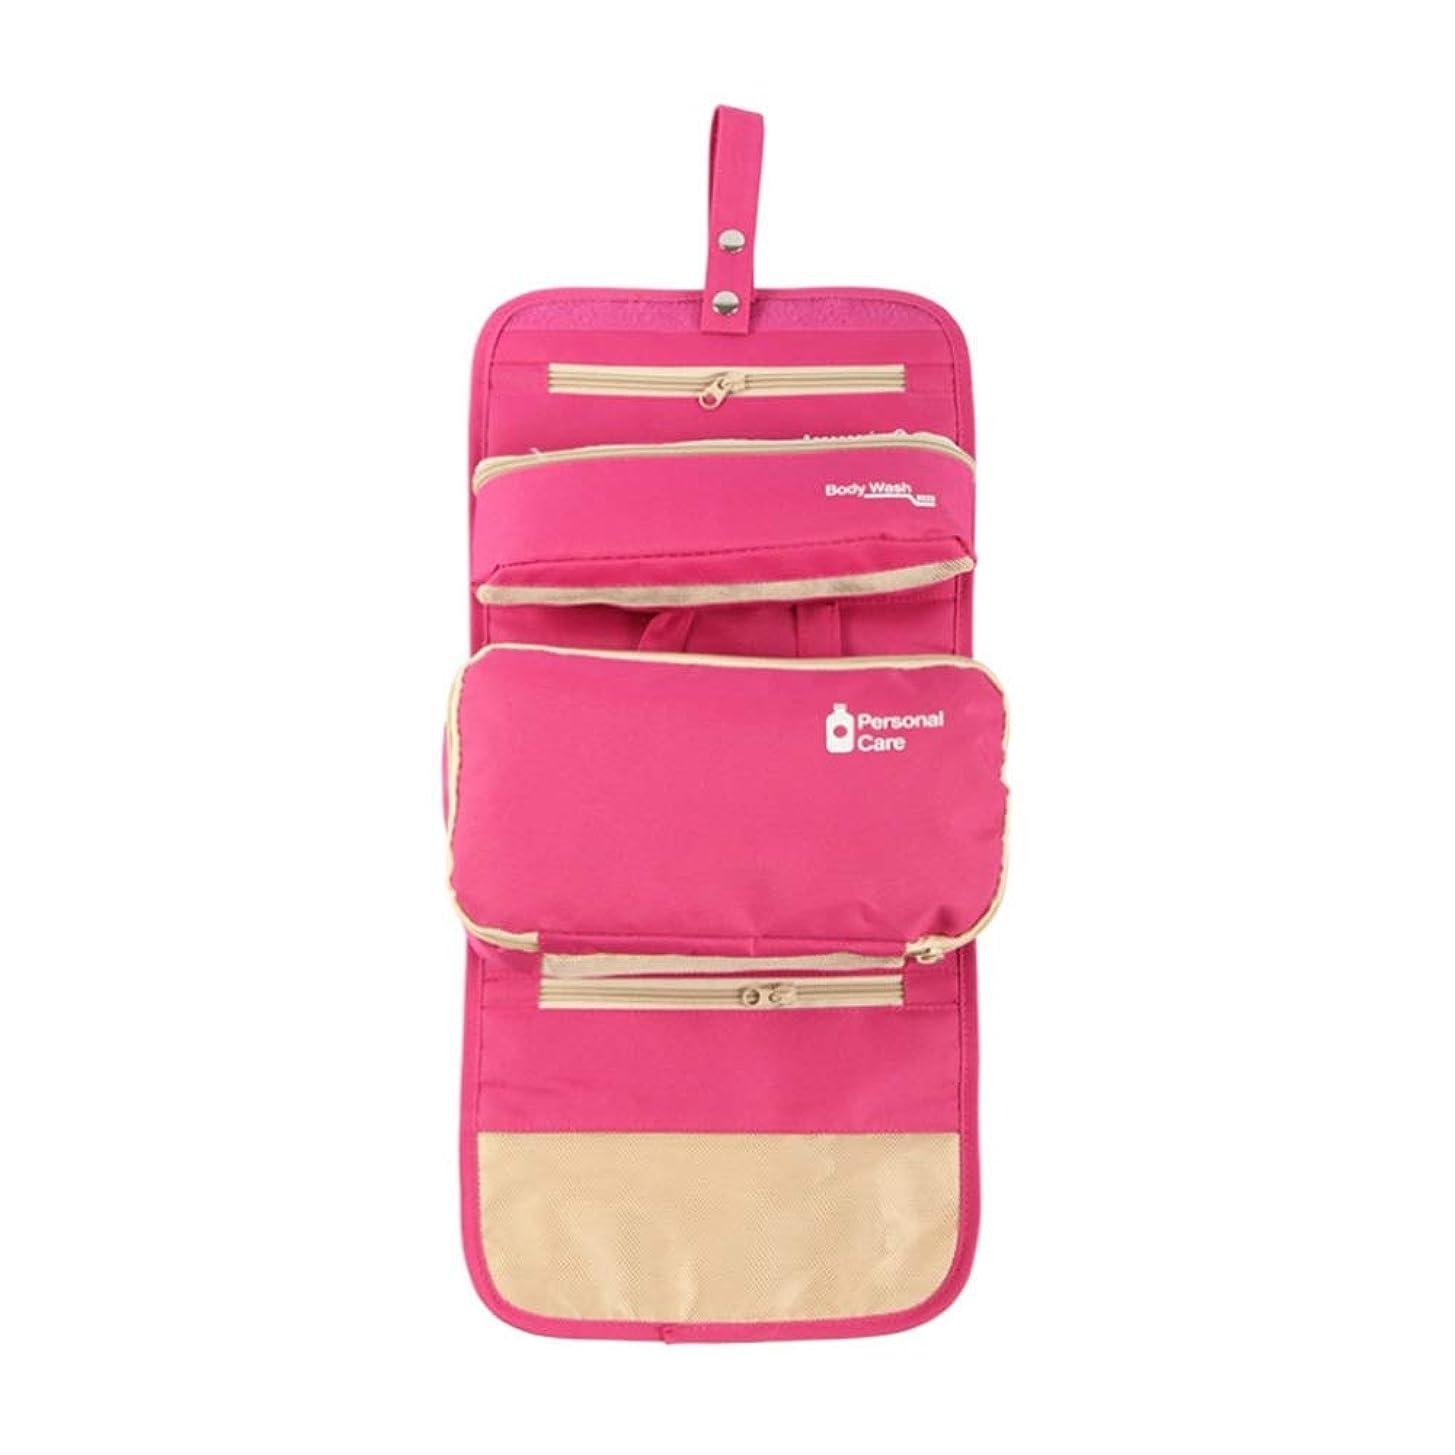 意識スクラップブックトリッキー特大スペース収納ビューティーボックス 女の子の女性旅行のための新しく、実用的な携帯用化粧箱およびロックおよび皿が付いている毎日の貯蔵 化粧品化粧台 (色 : ピンク)